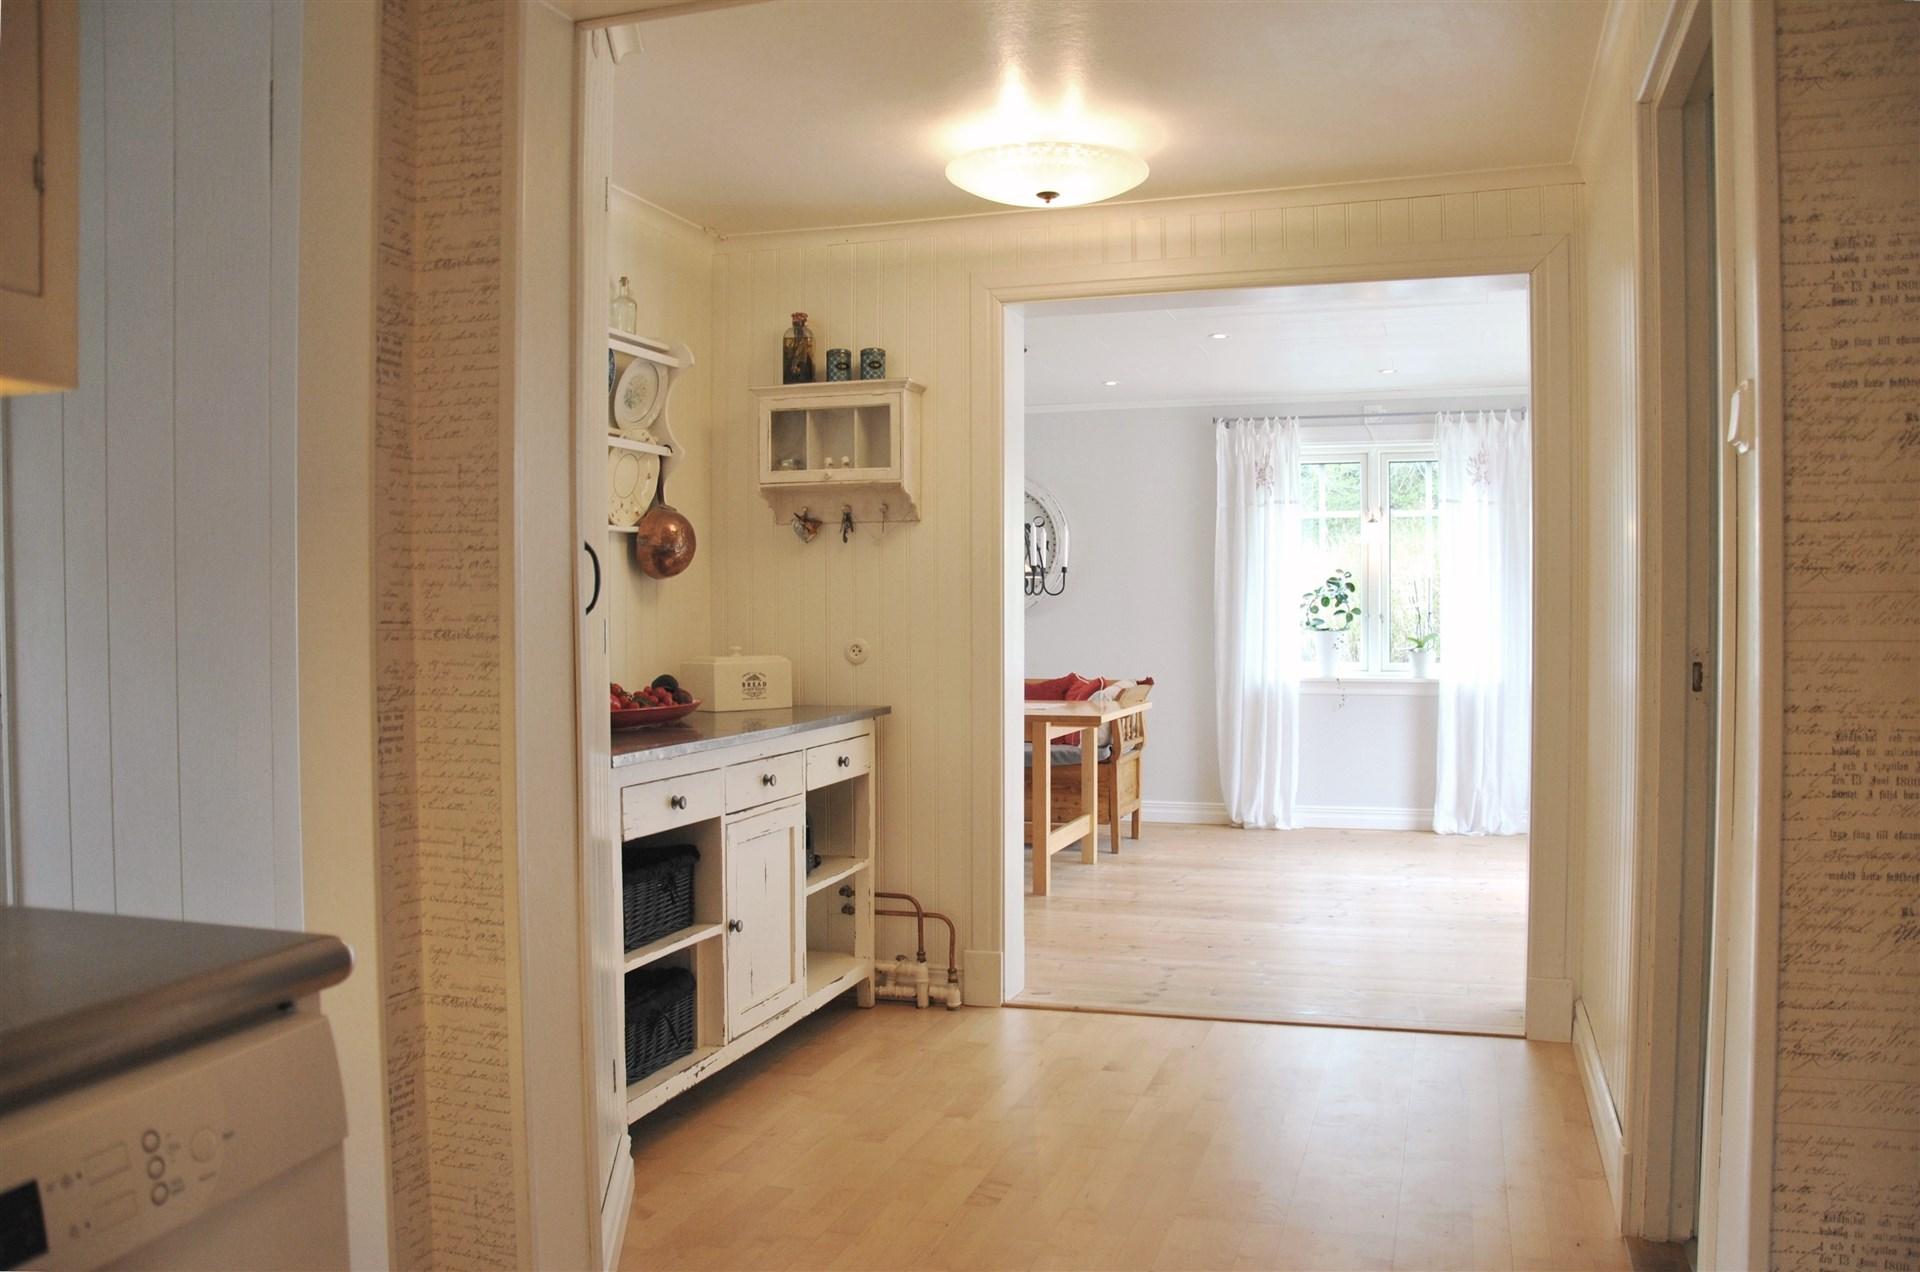 Passage/rum från kök till vardagsrum/matsal (tillb. delen)